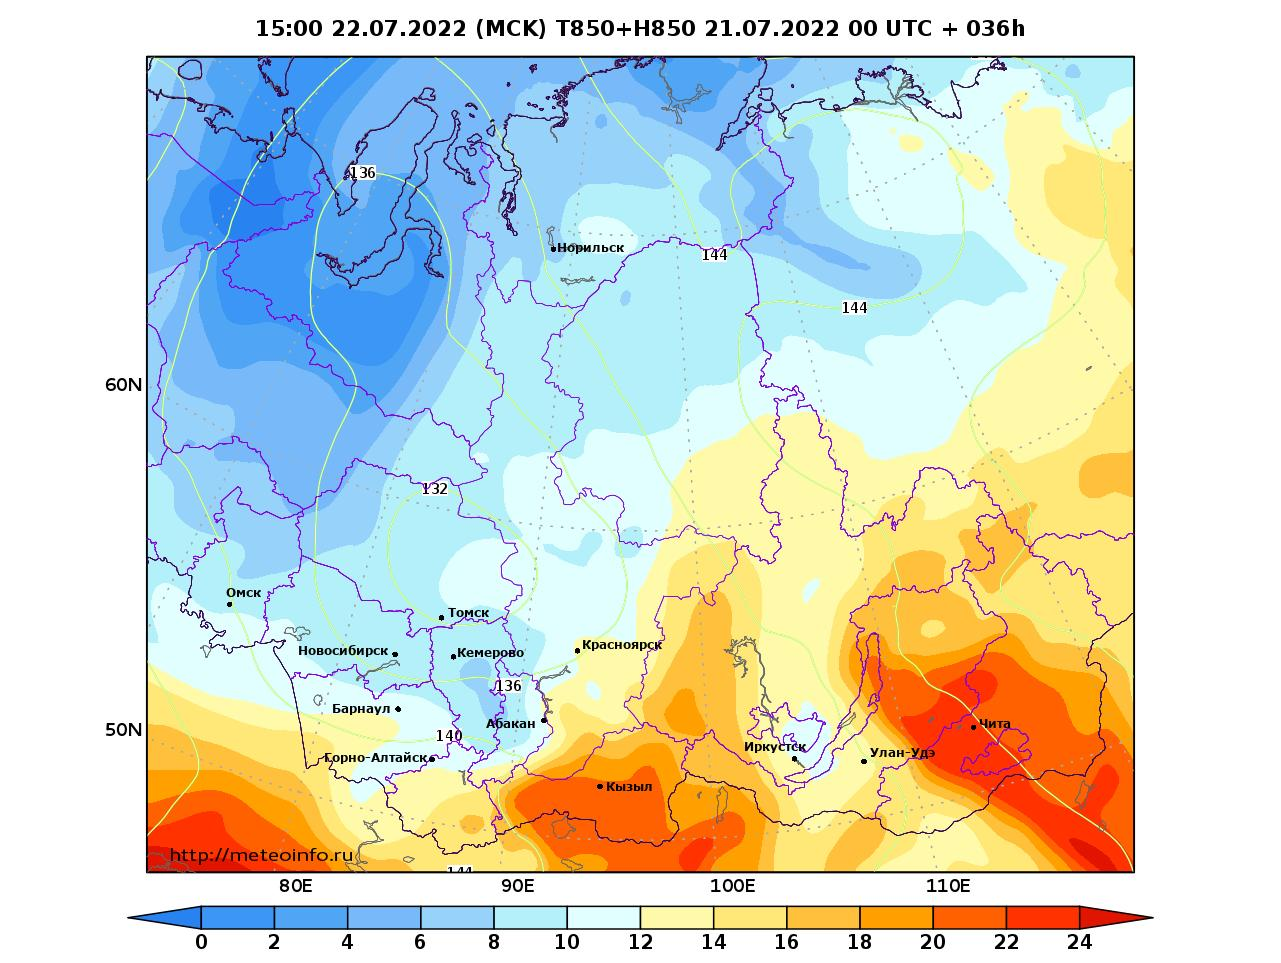 Сибирский Федеральный округ, прогностическая карта температура T850 и геопотенциал H850, заблаговременность прогноза 36 часов